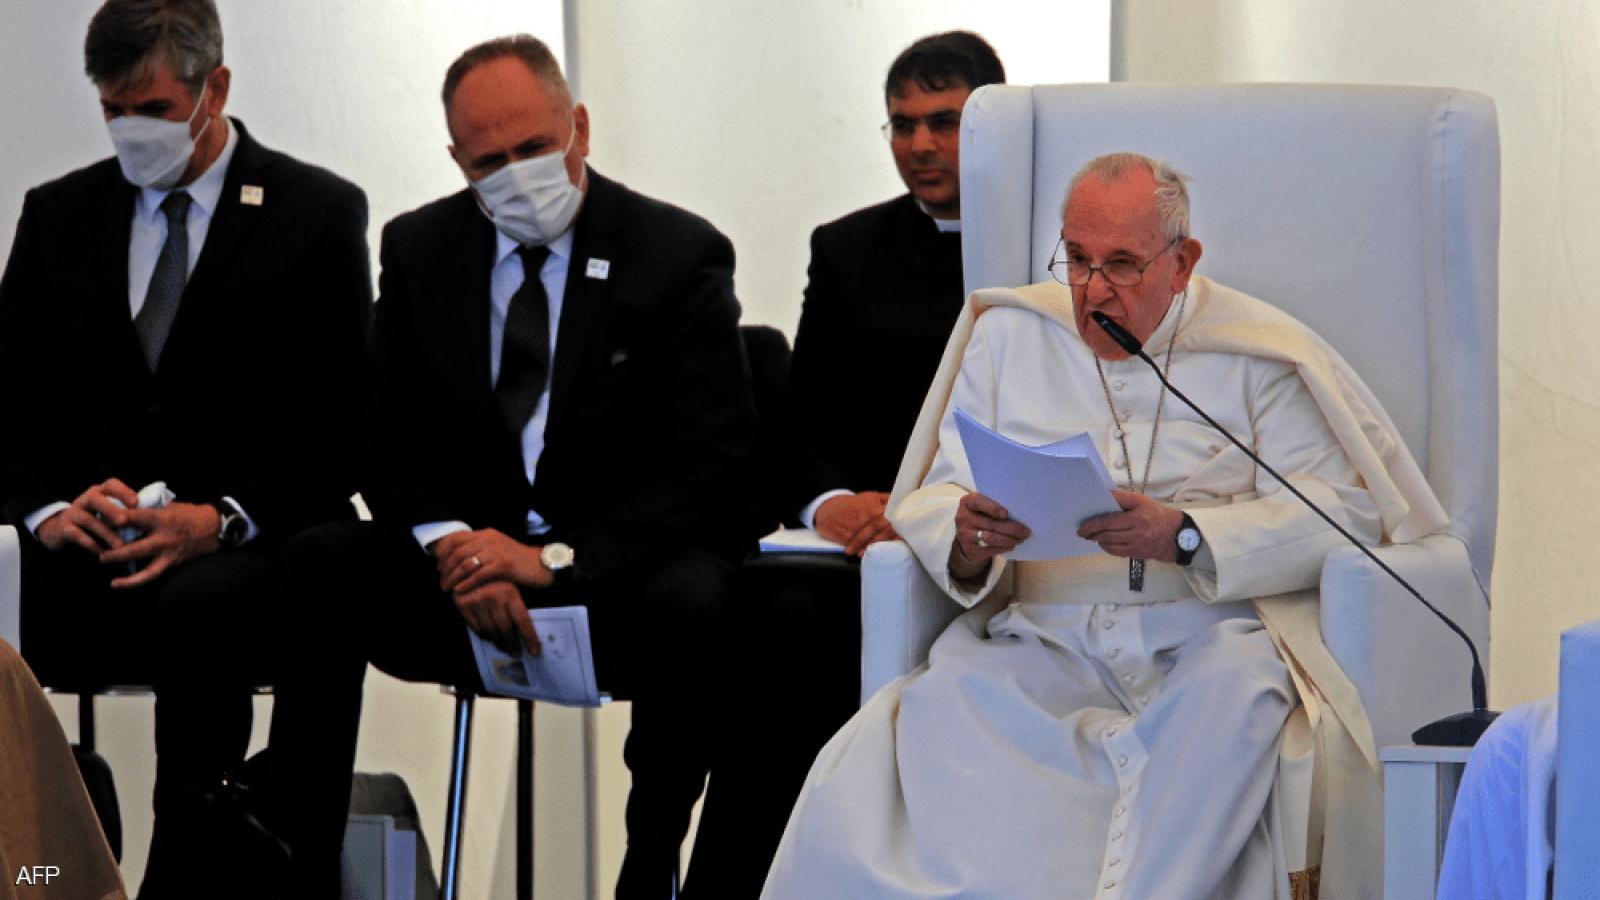 Đức Giáo hoàng: Không thể im lặng khi khủng bố xúc phạm tôn giáo